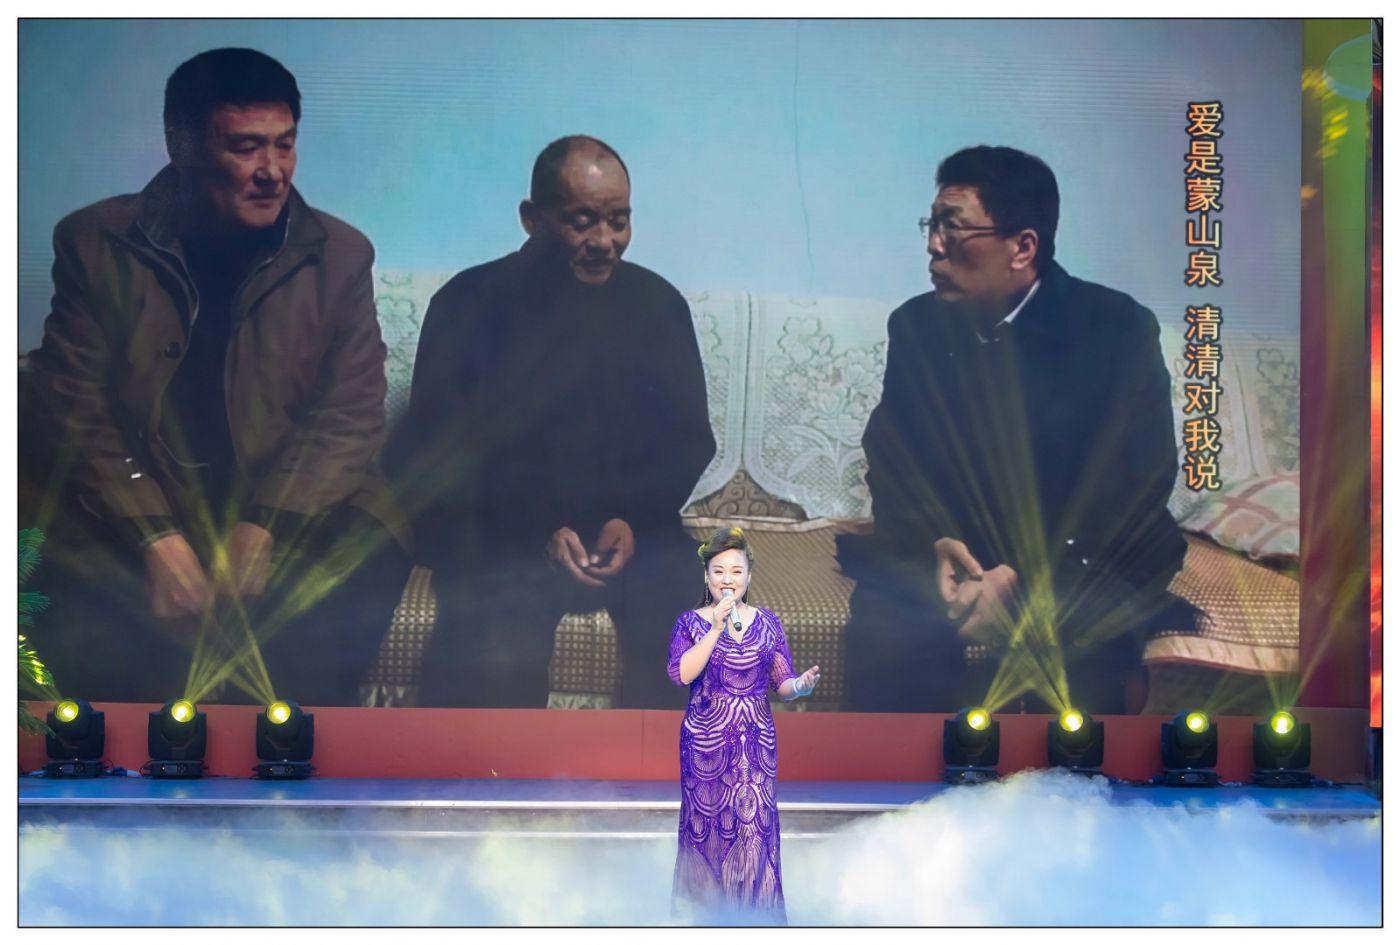 临沂姑娘杨妮妮曾感动春晚总动员 今晚在临沂电视台大放异彩 ..._图1-11